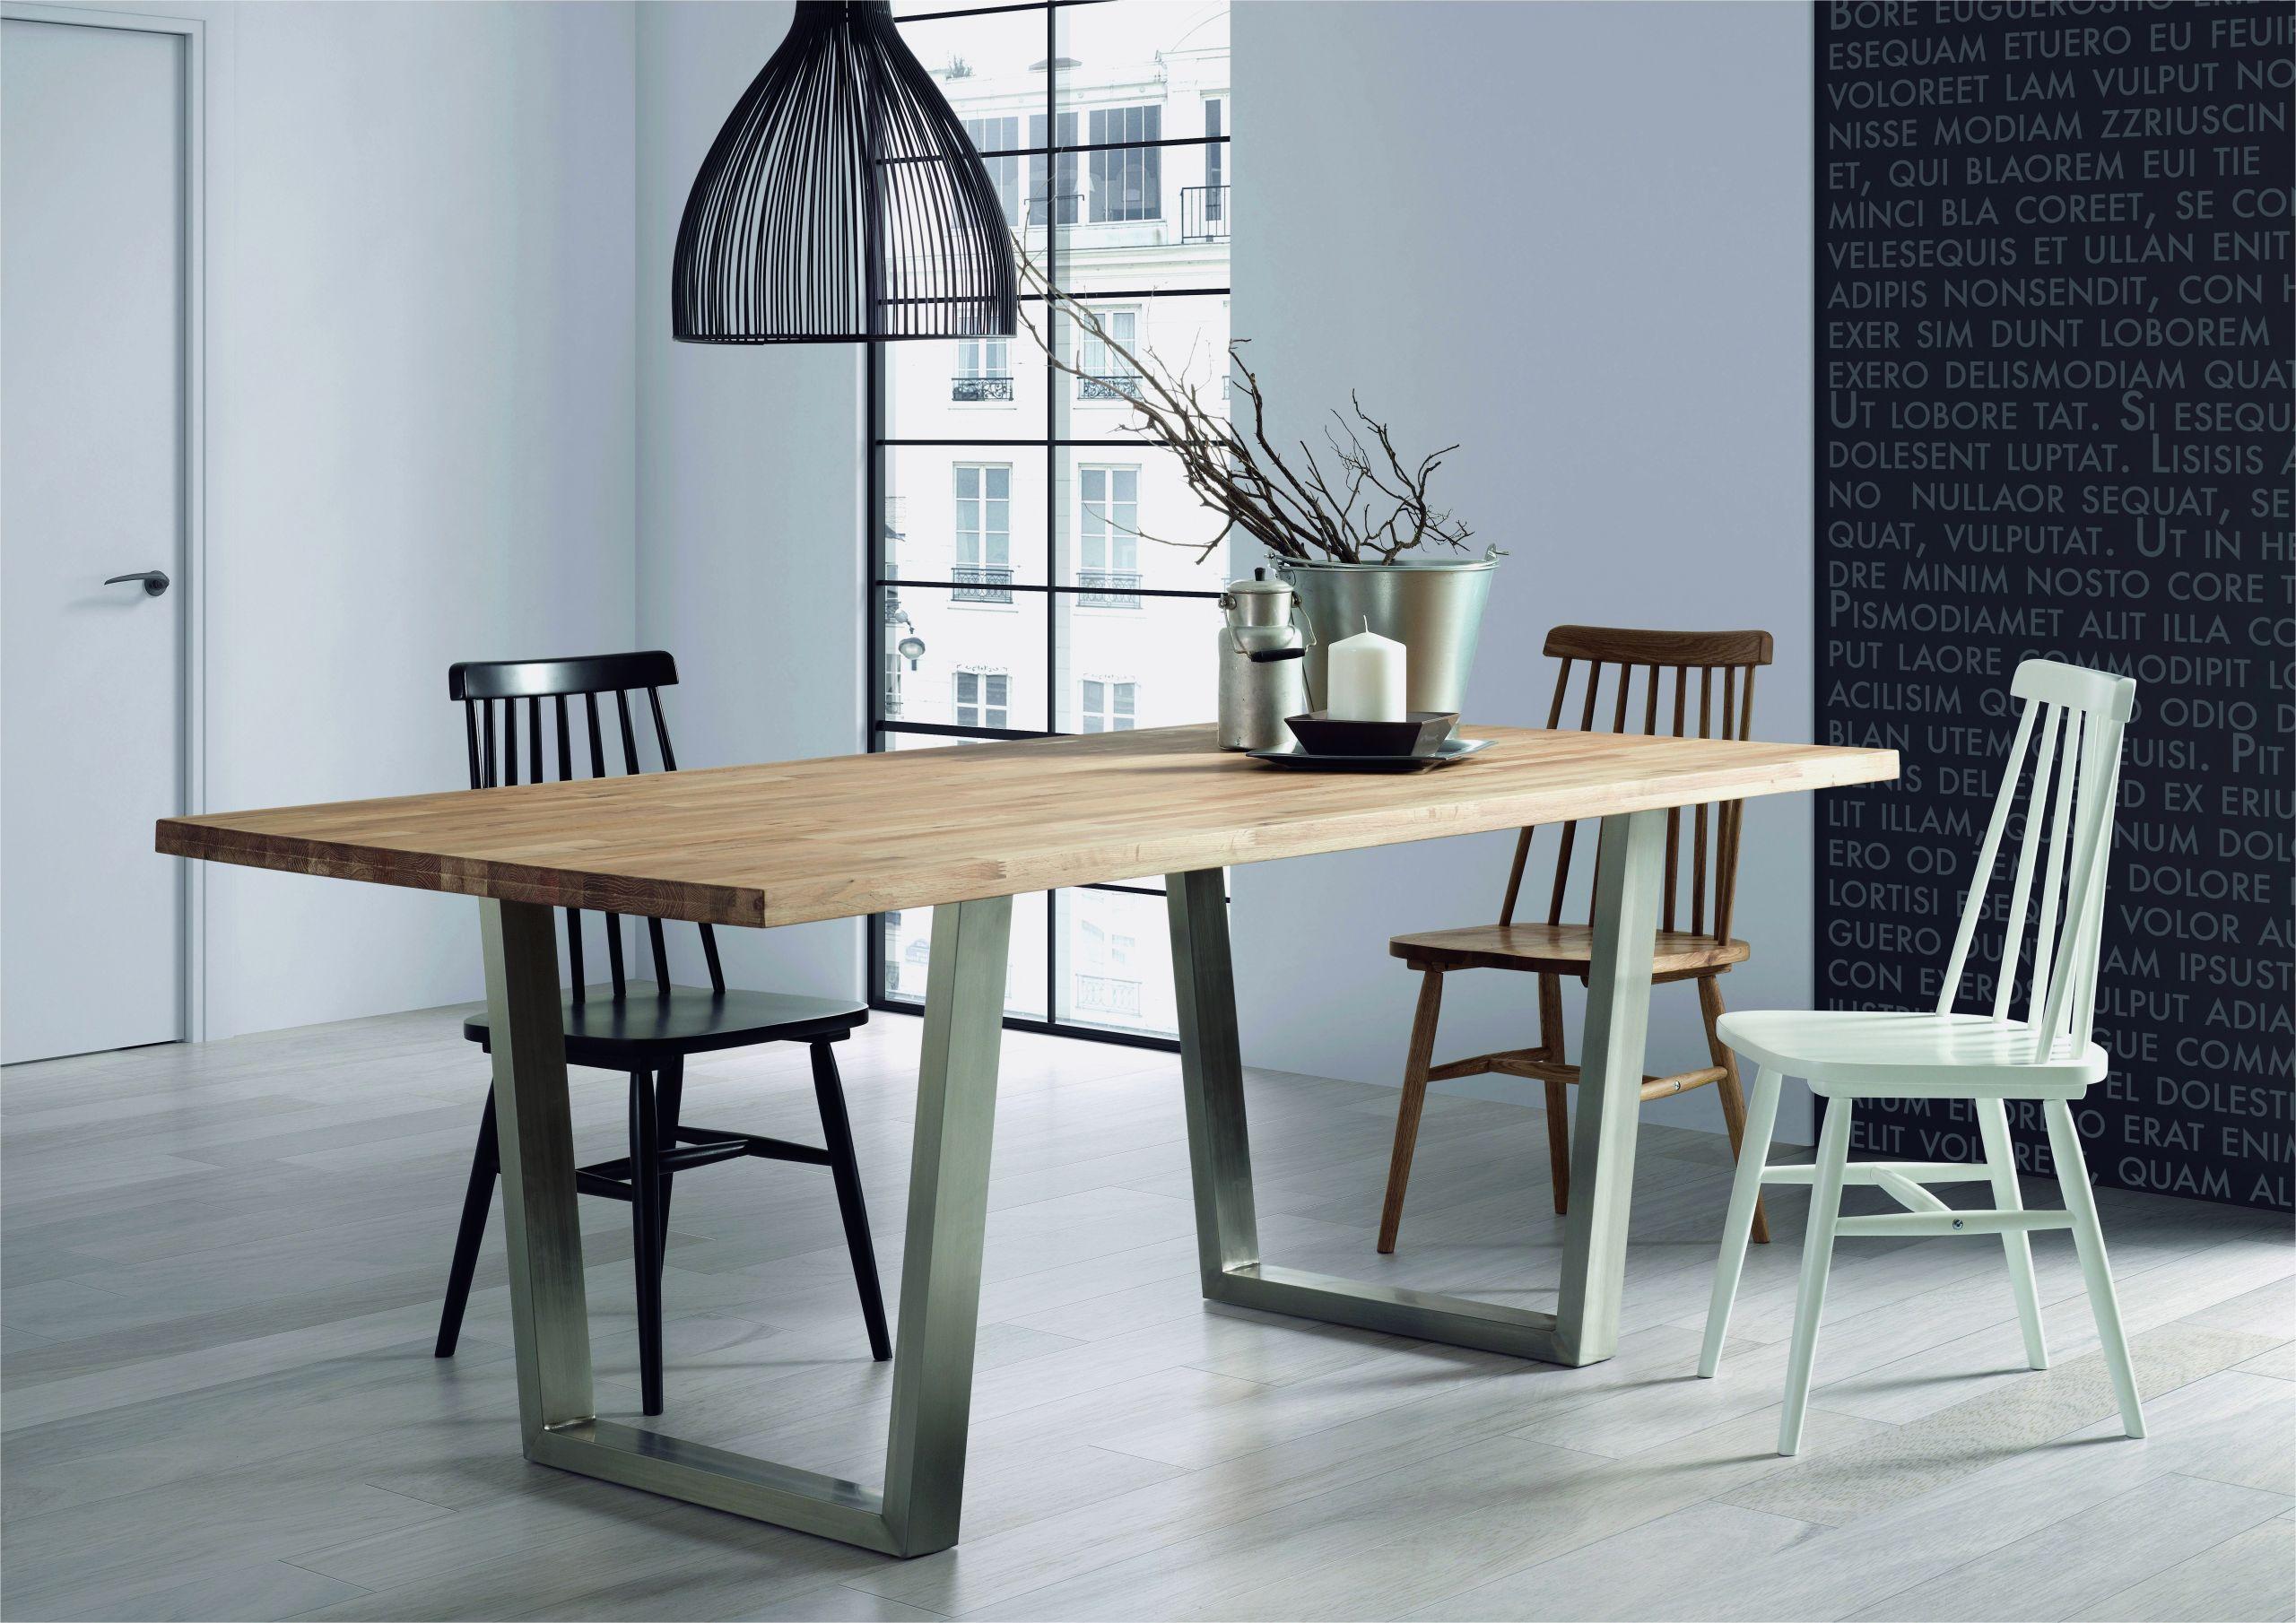 chaise scandinave plexi meilleur de chaise plexi ikea inspire chaise plexi chaises plexiglas 0d of chaise scandinave plexi